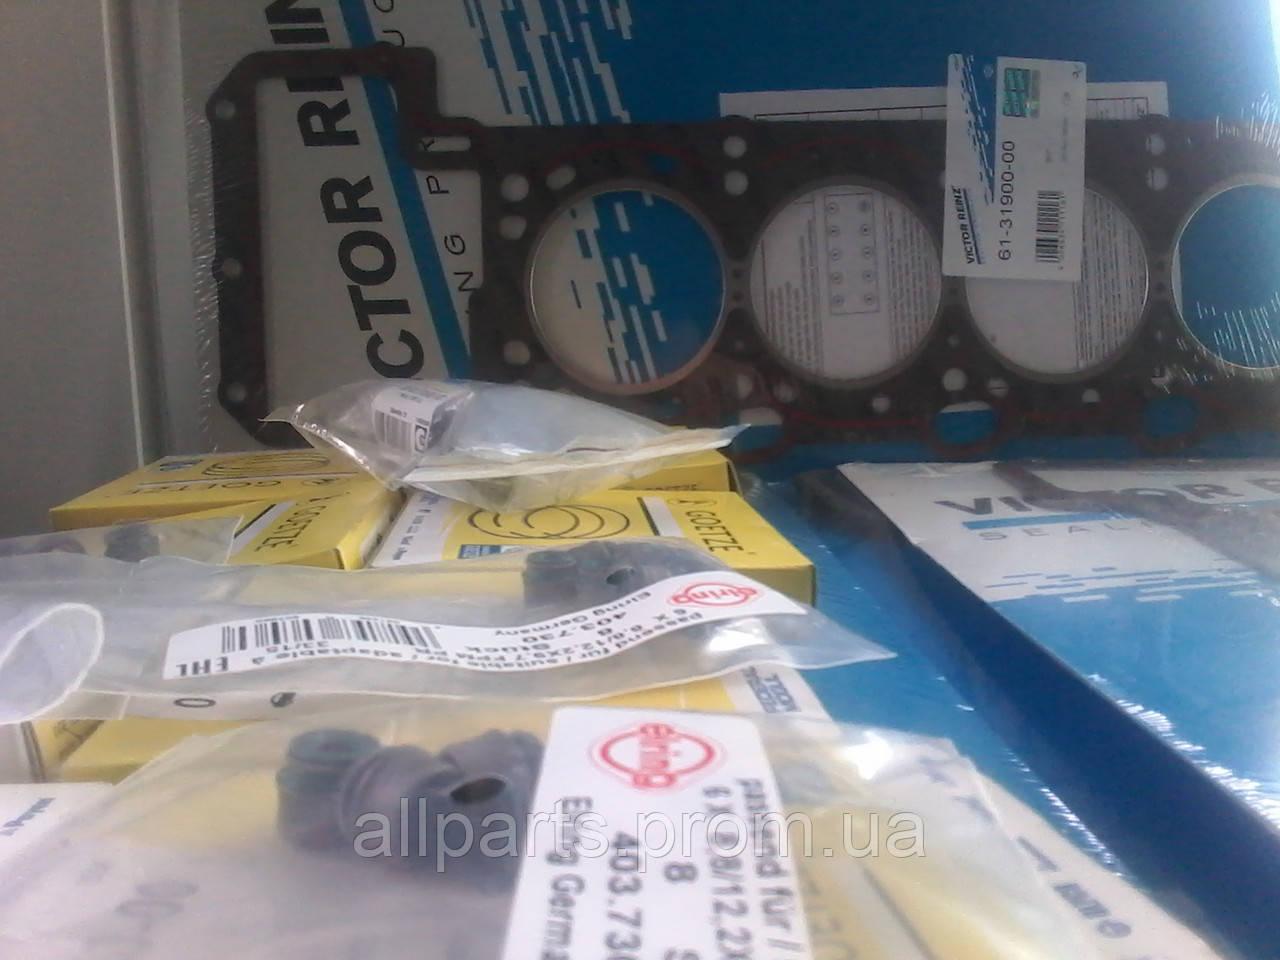 Прокладка ГБЦ клапанной крышки Шкода Октавия Суперб Фабия Skoda Octavia Fabia Superb Praktik Yeti Roomster